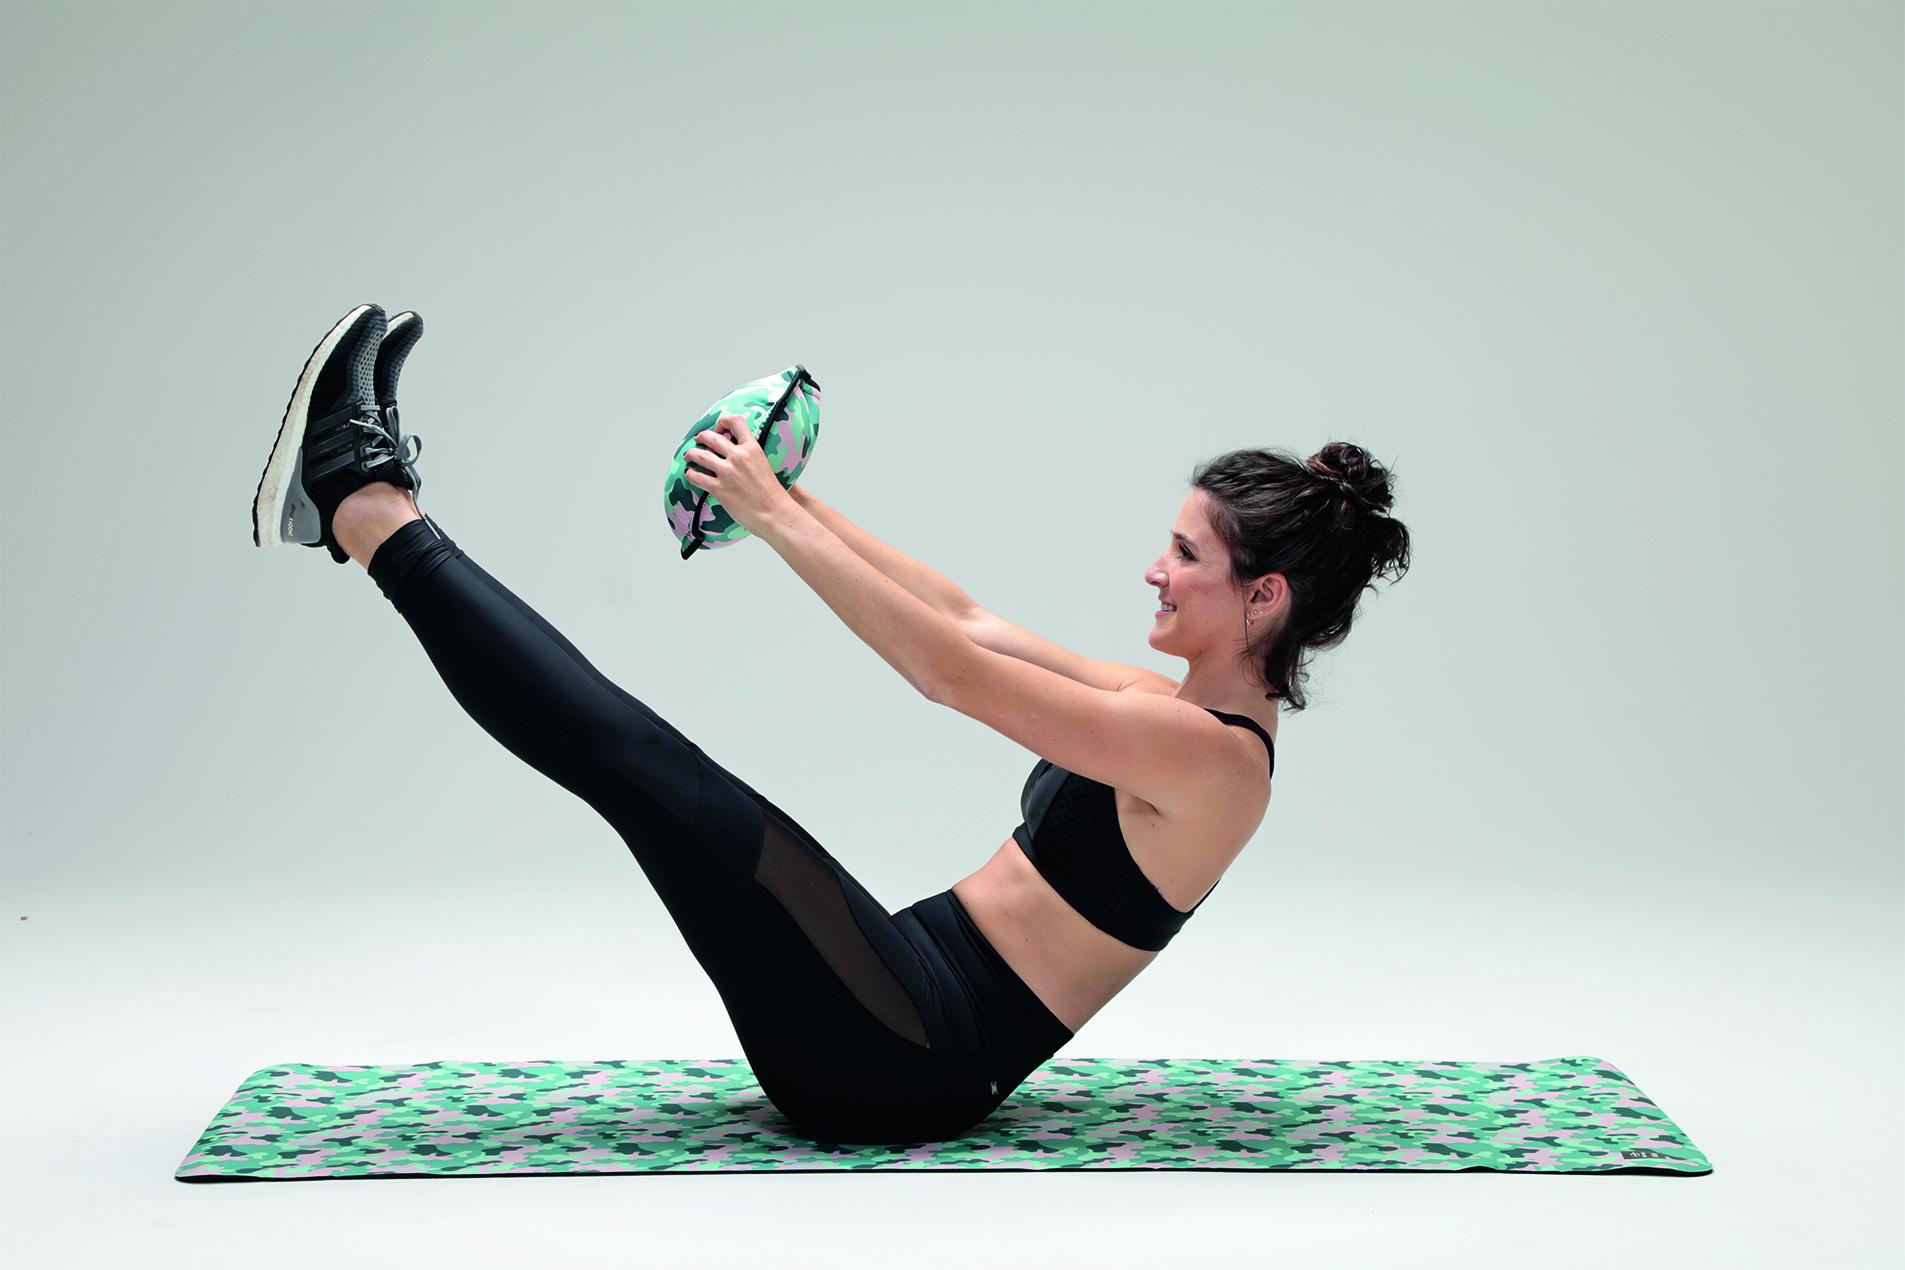 Exercício fitness abdominal canivete com peso da sand bag